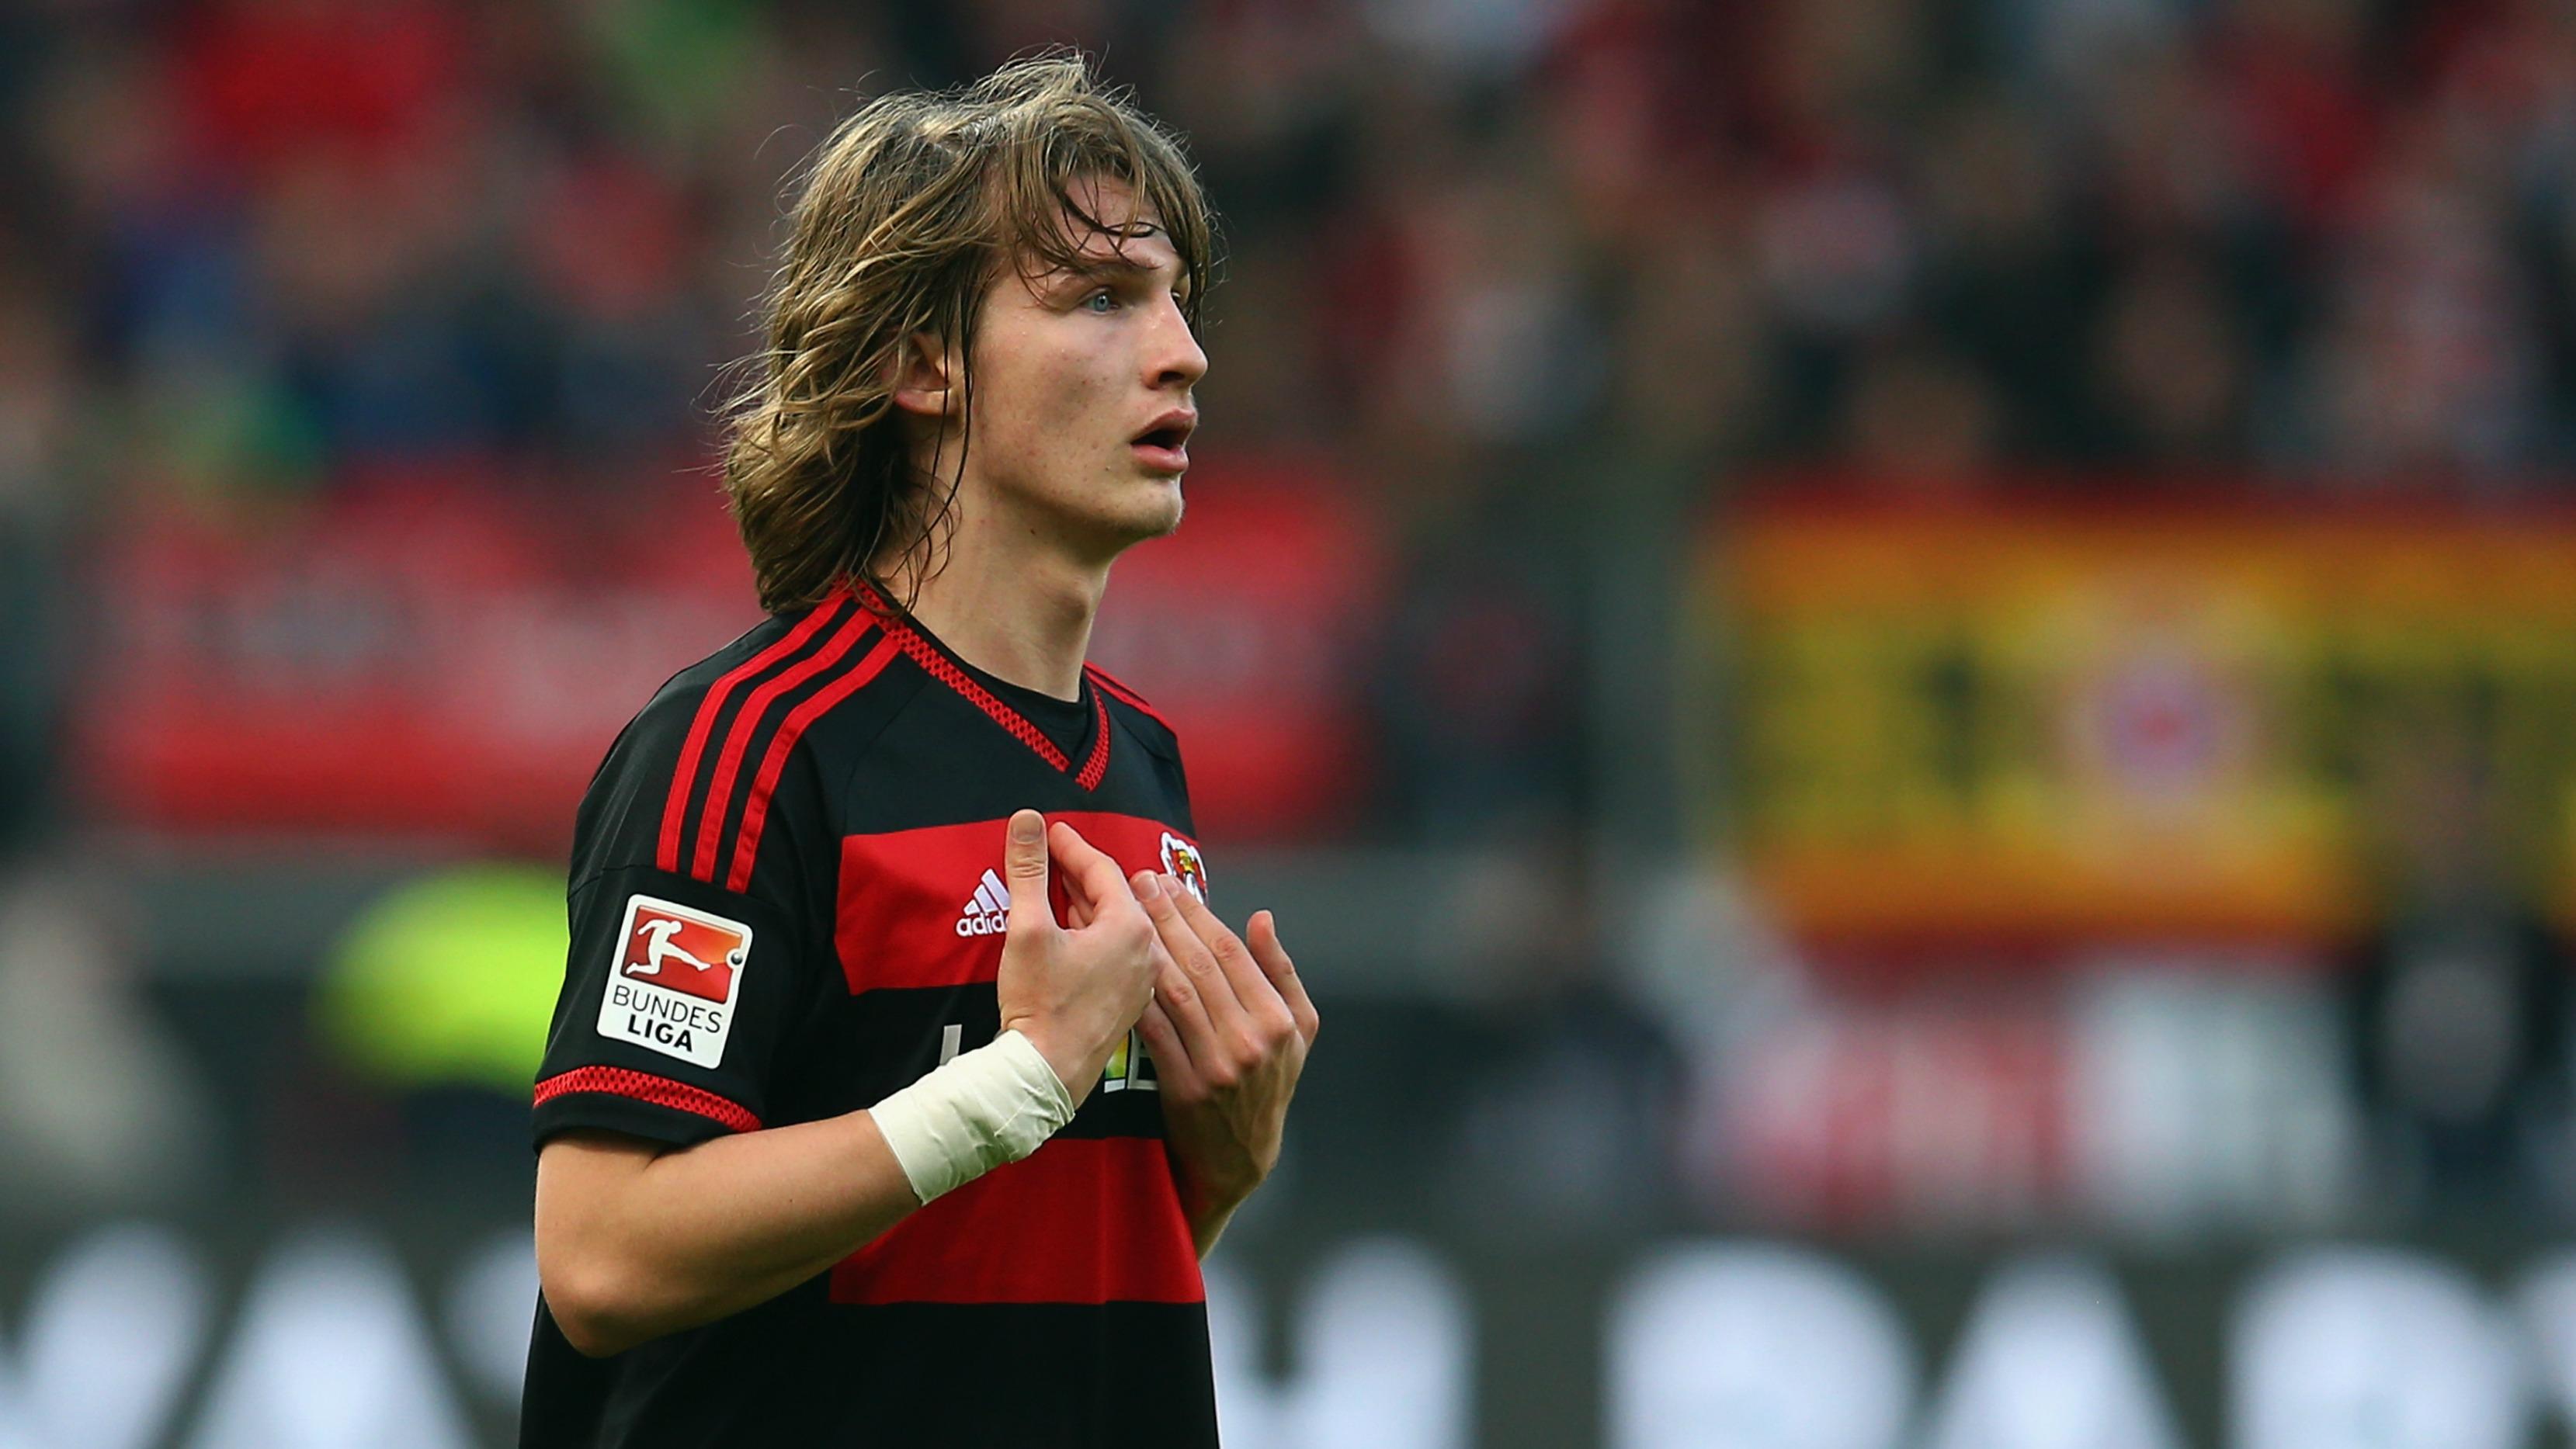 Boneheaded Bayer Leverkusen defender sent off for 2nd time in 4 days